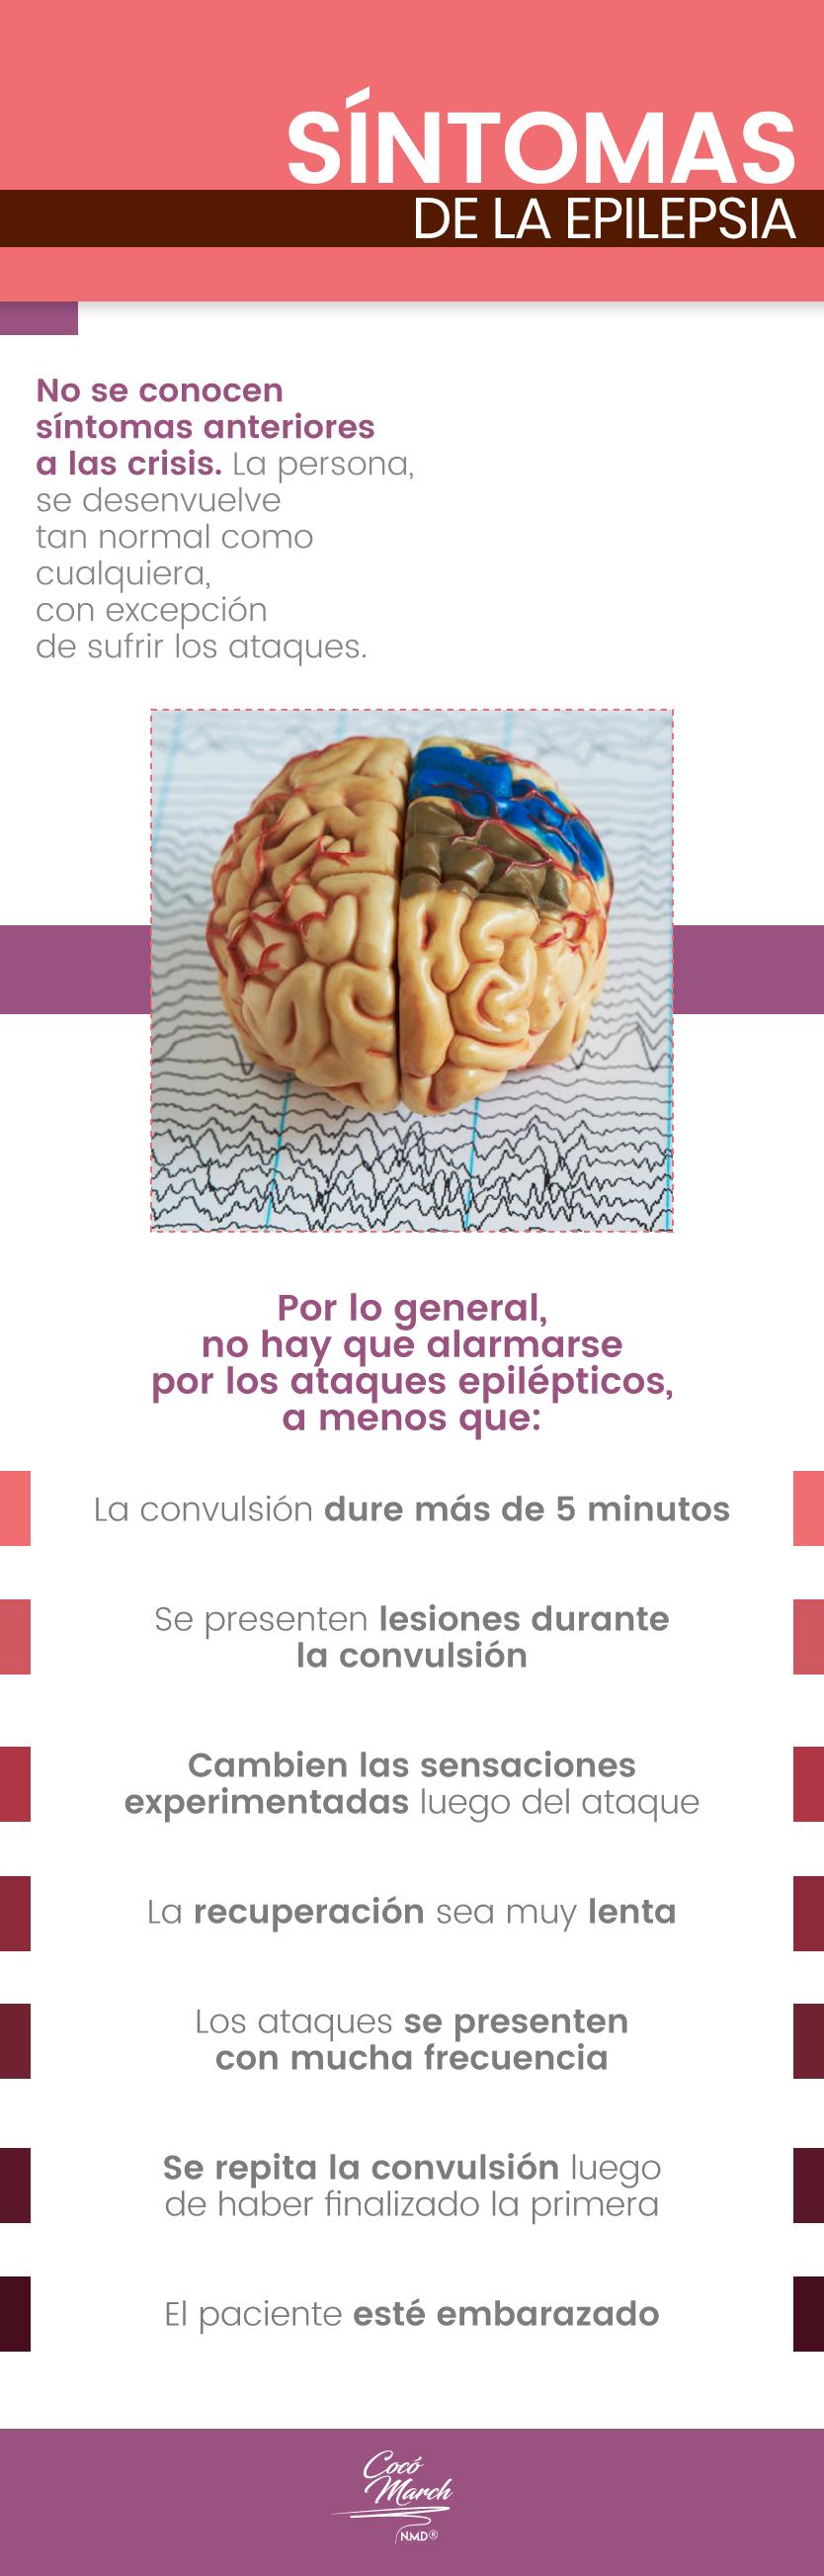 sintomas-de-la-epilepsia